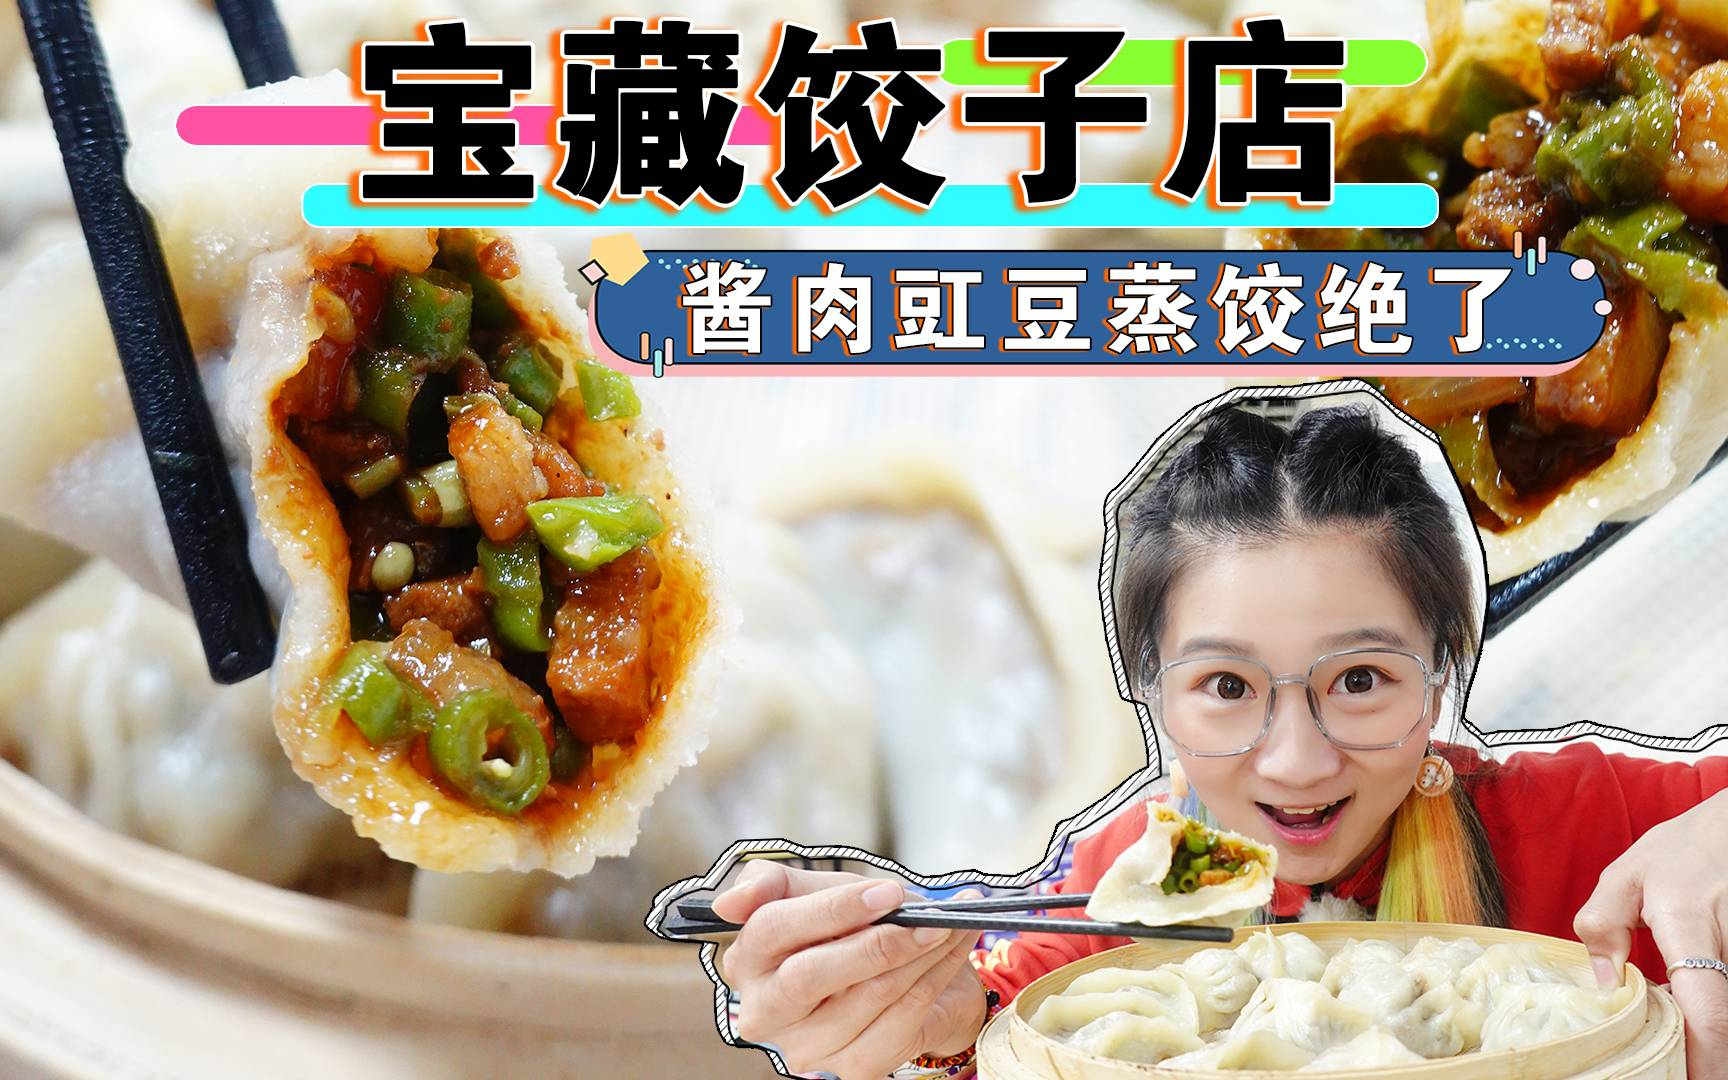 【逛吃北京】这饺子馆藏得太深,还好这酱肉大蒸饺被我发现了